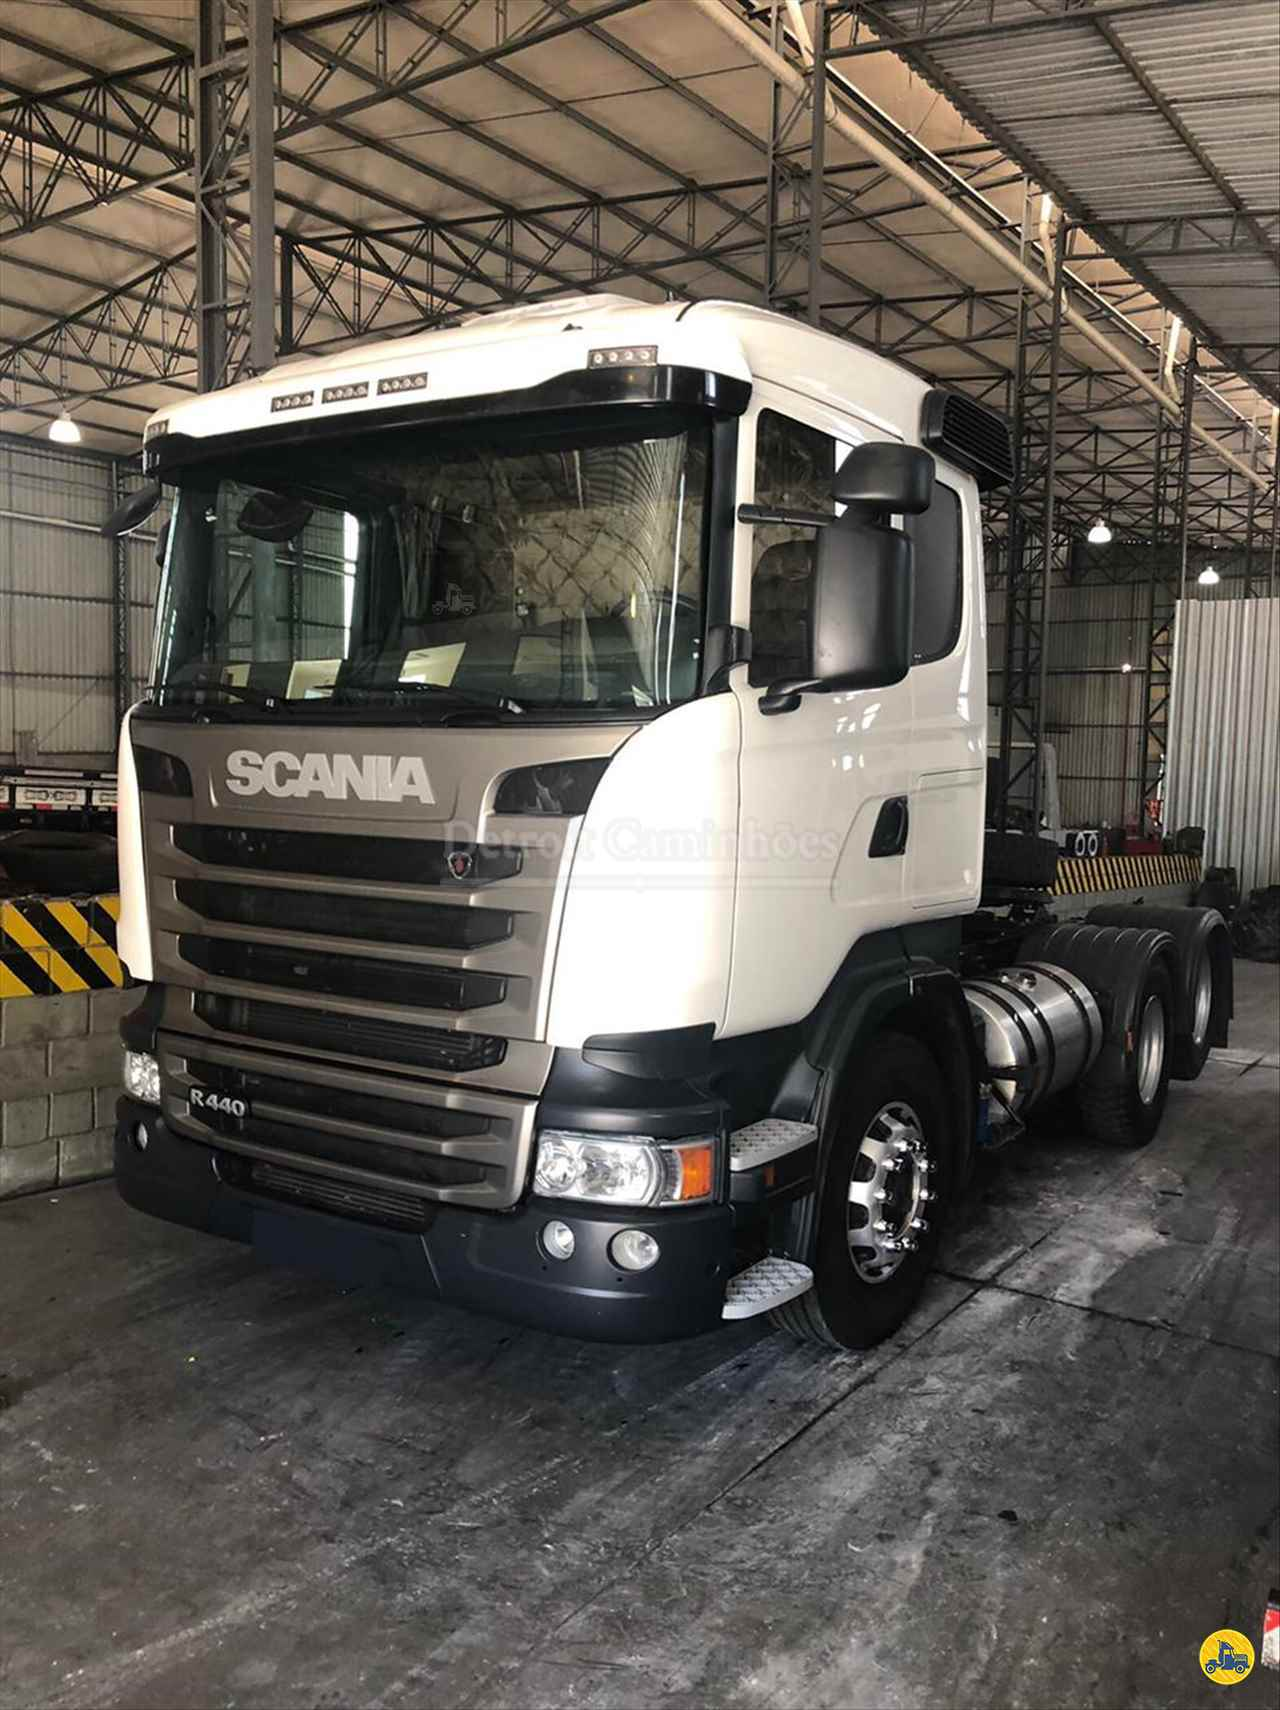 CAMINHAO SCANIA SCANIA 440 Cavalo Mecânico Truck 6x2 Detroit Caminhões SAO JOSE DOS CAMPOS SÃO PAULO SP